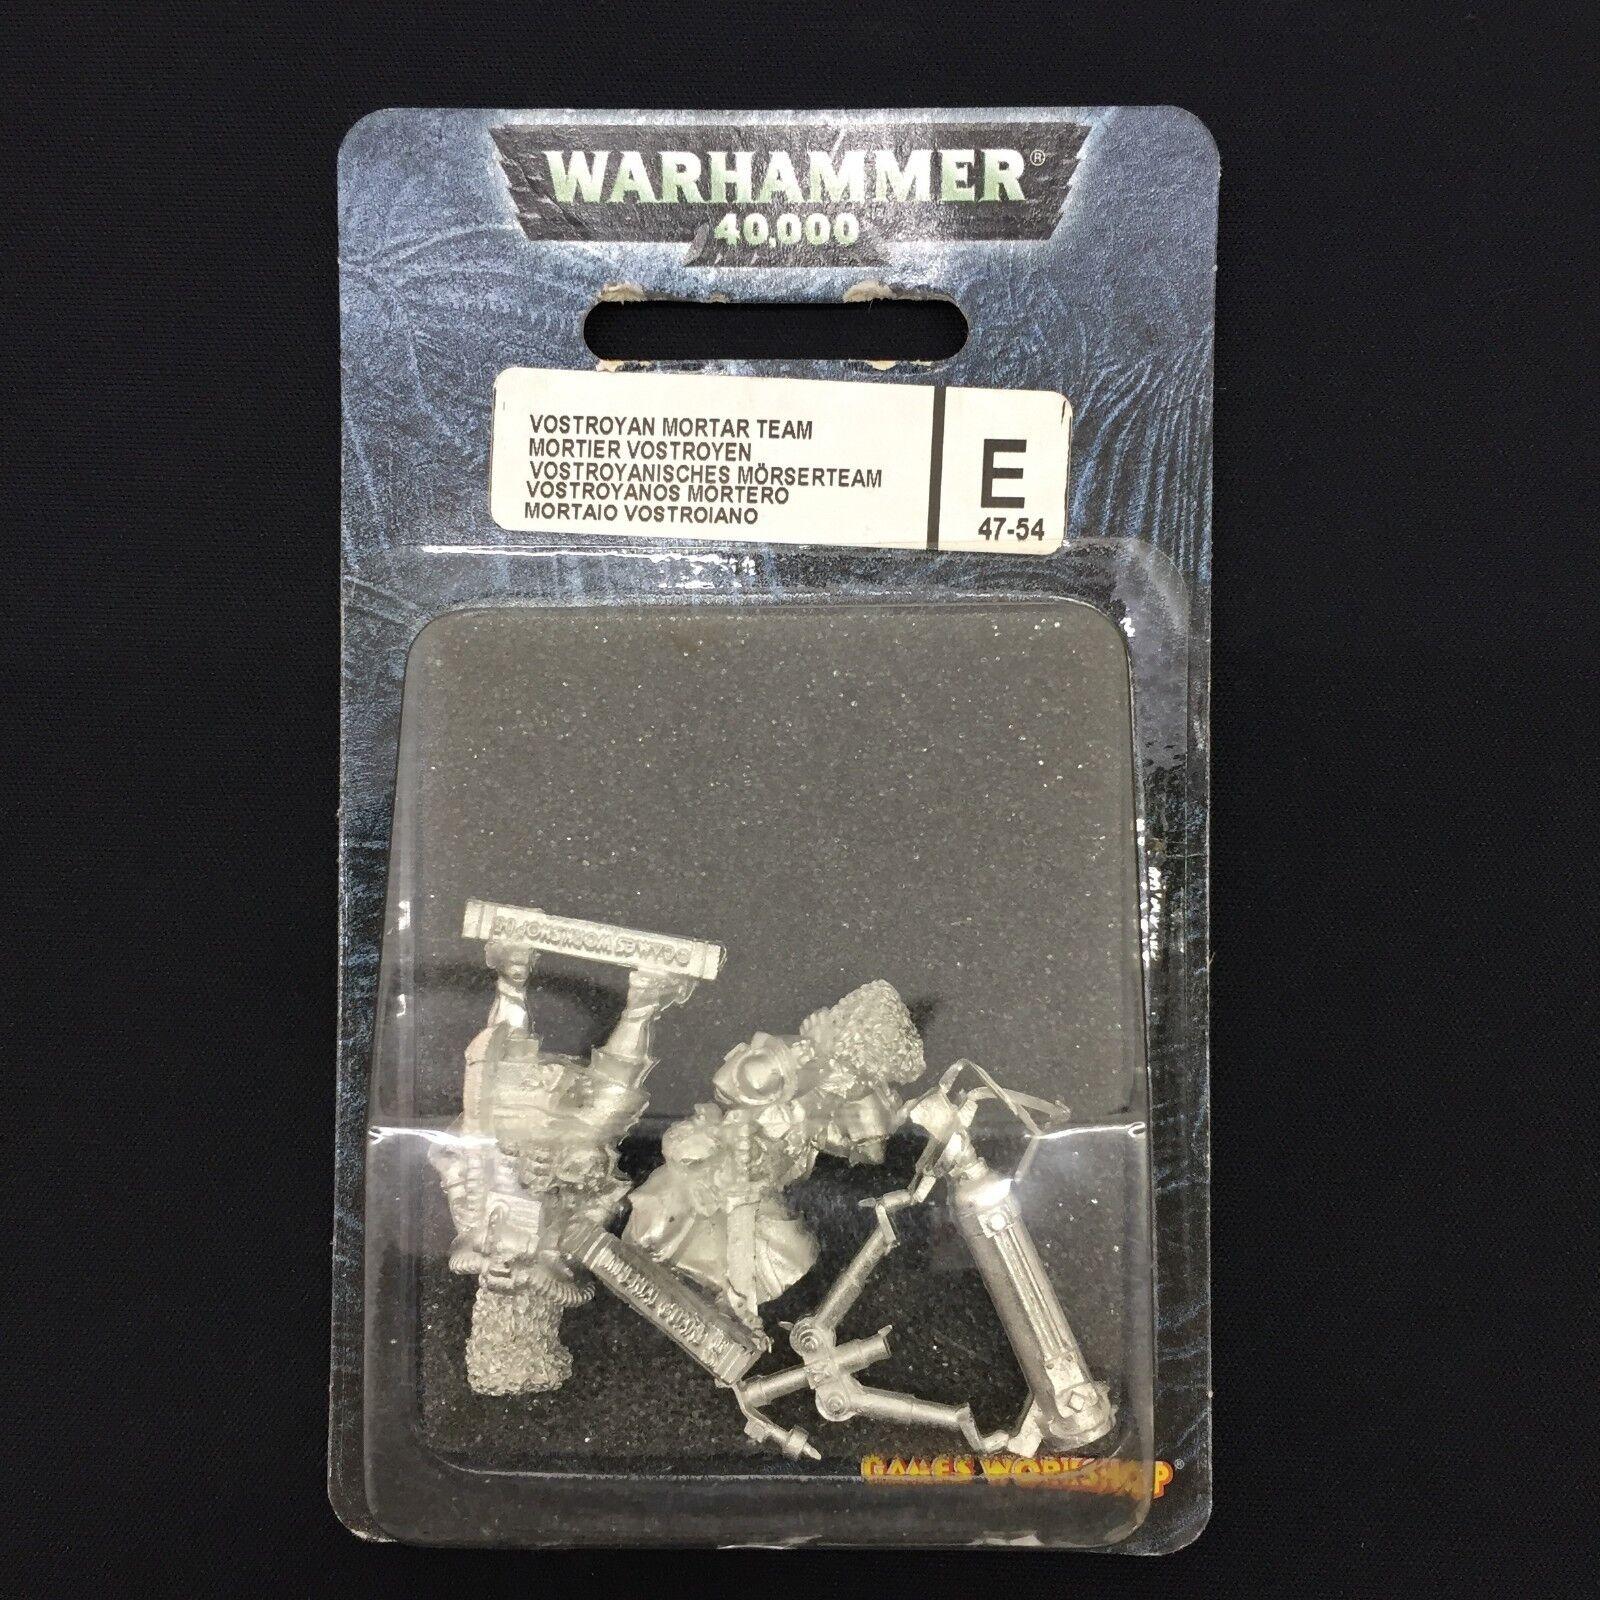 Warhammer 40.000 vostroyan mortar team blister metall - imperialen garde